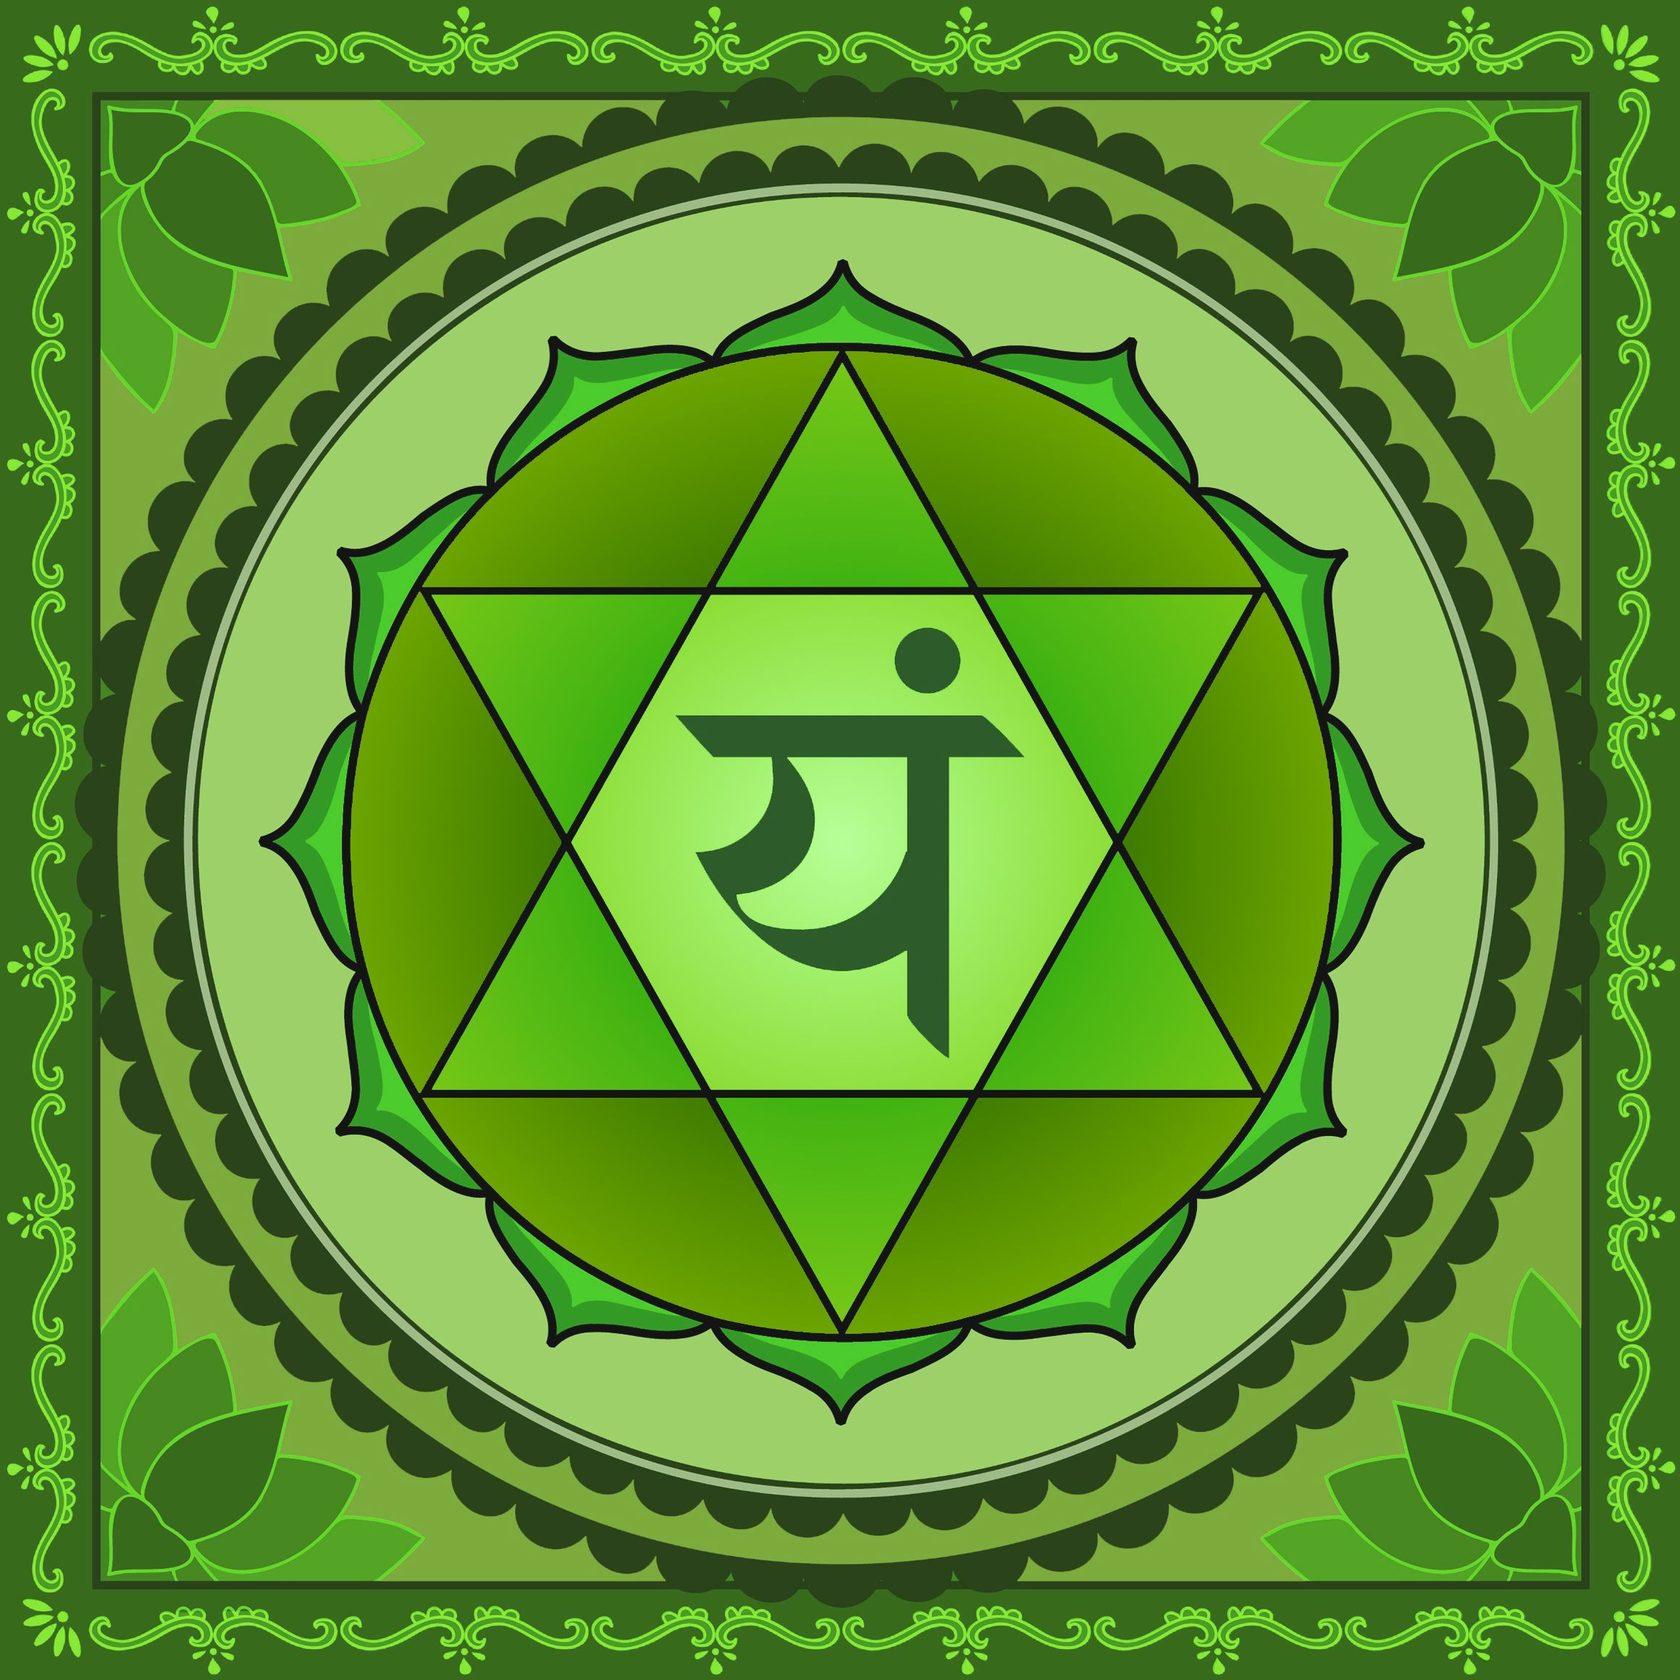 Символы чакр картинки